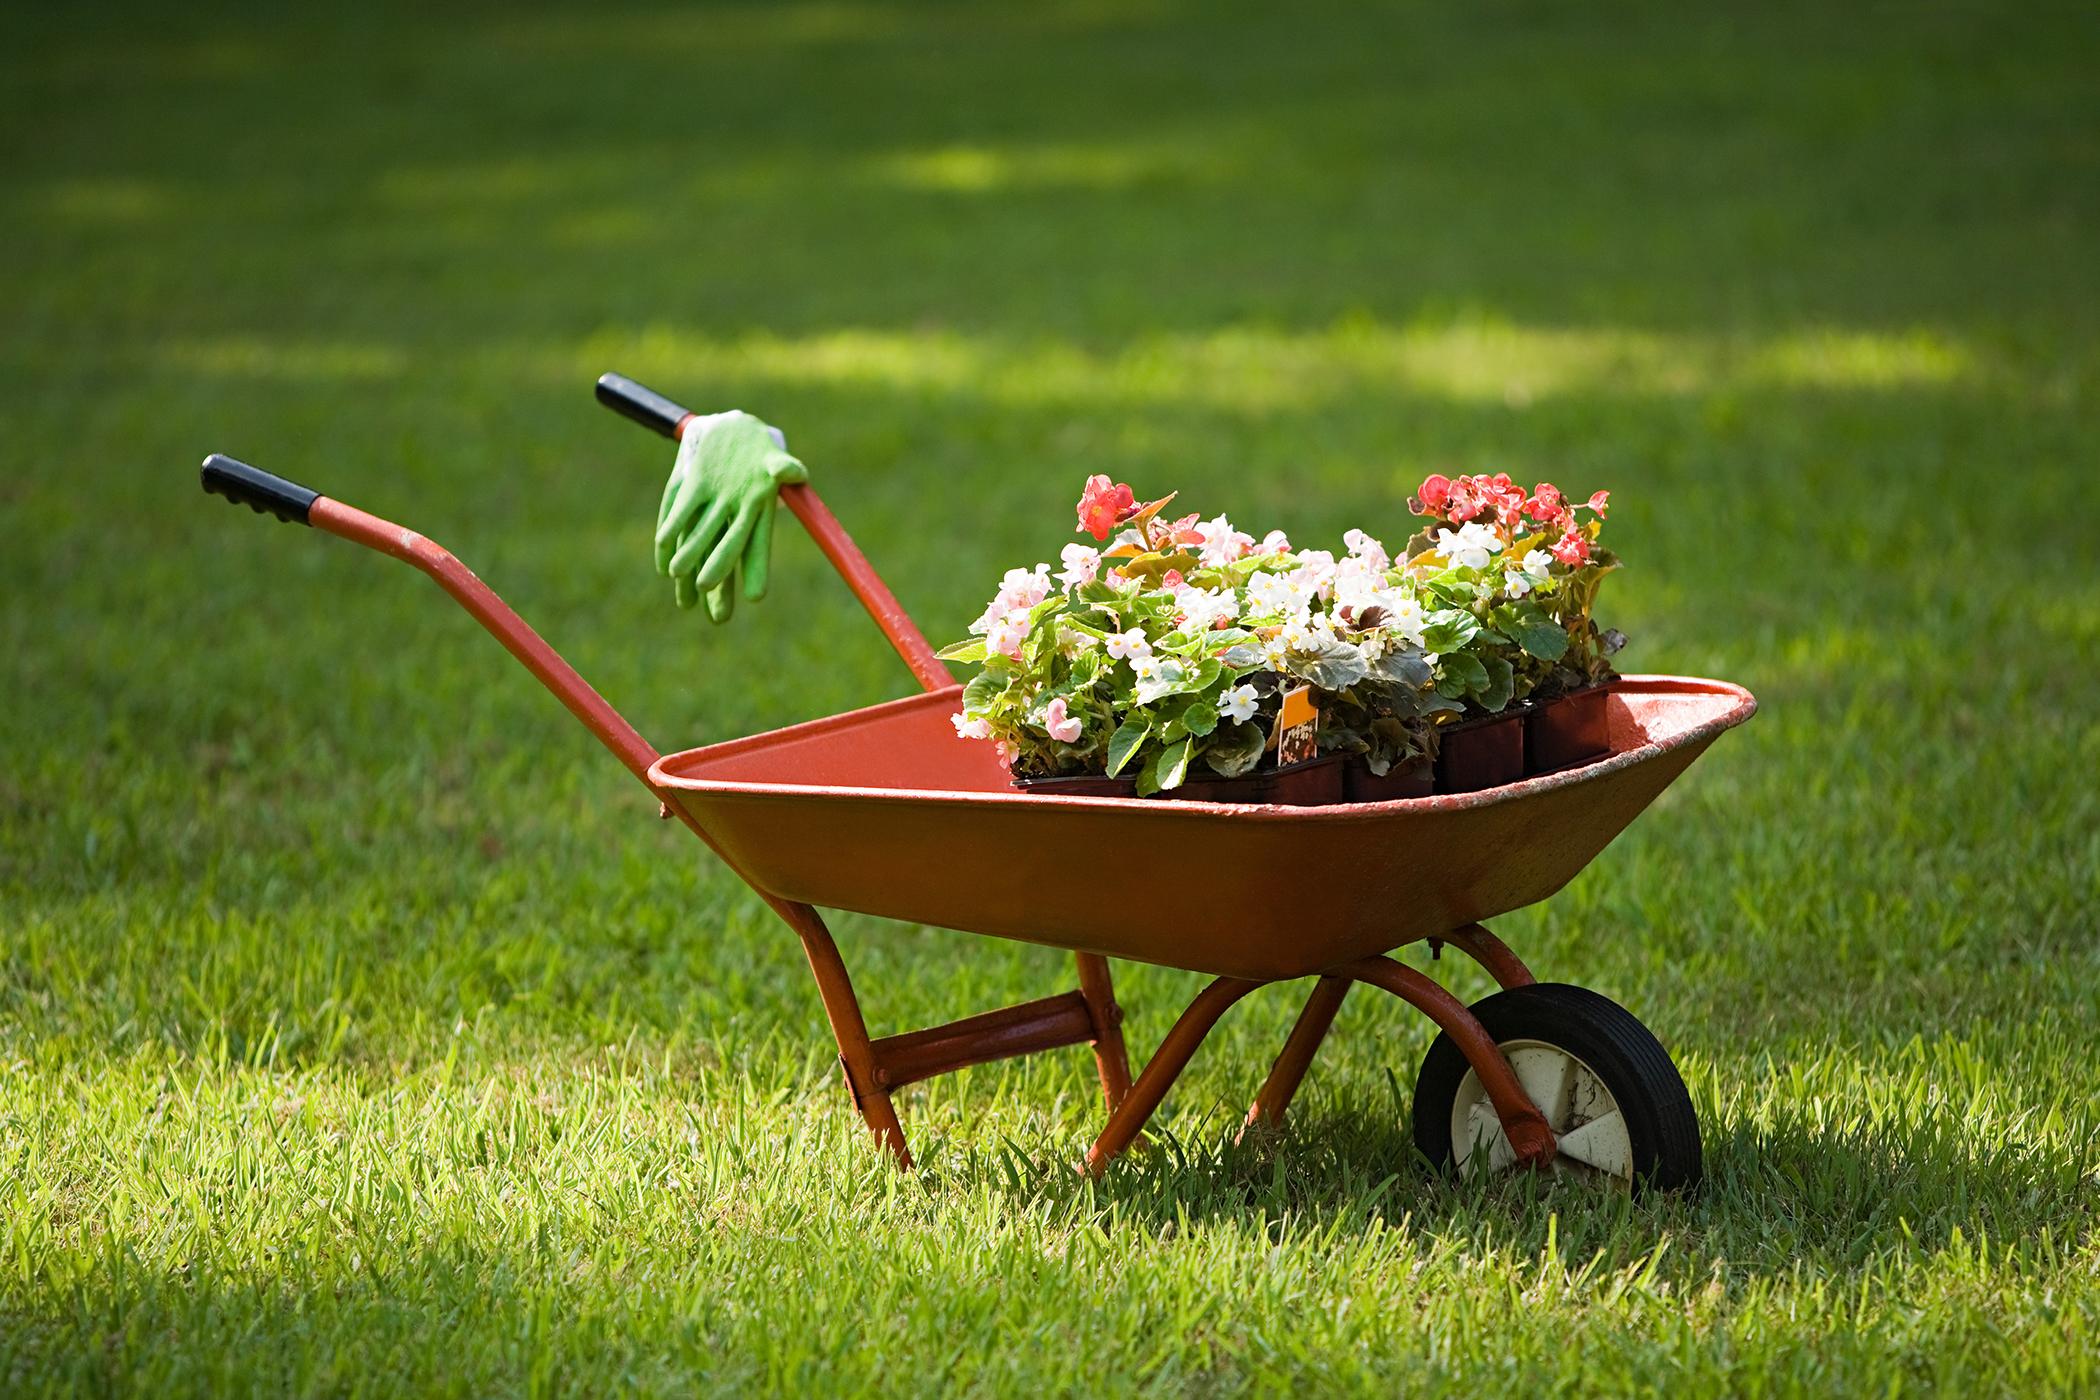 Gardening supplies on sale